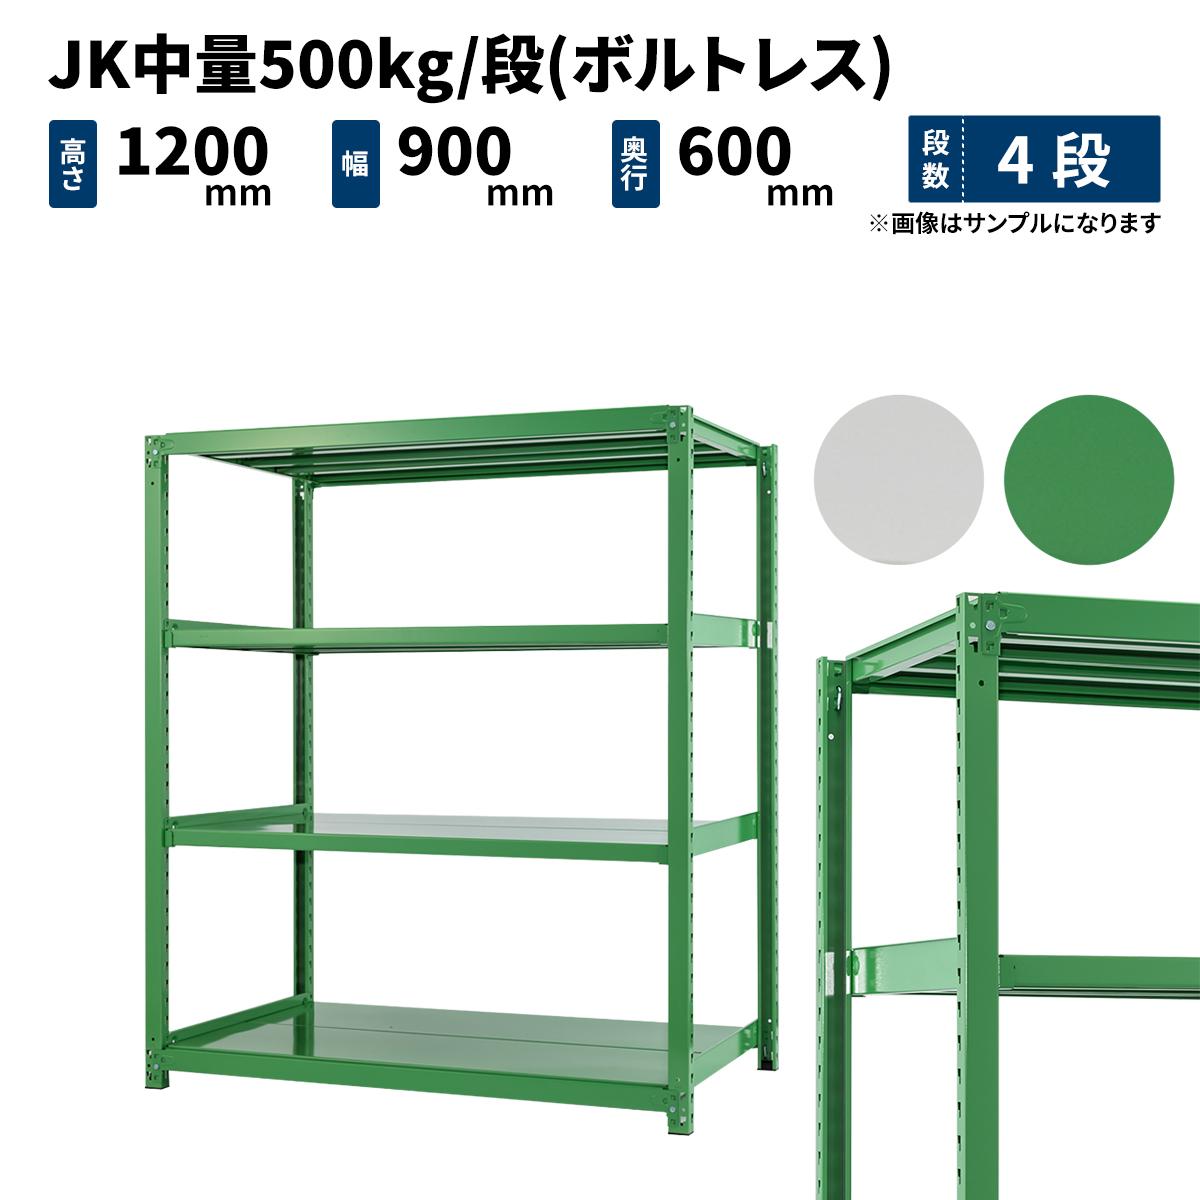 スチールラック 業務用 JK中量500kg/段(ボルトレス) 単体形式 高さ1200×幅900×奥行600mm 4段 ホワイトグレー/グリーン (52kg) JK500_T-120906-4